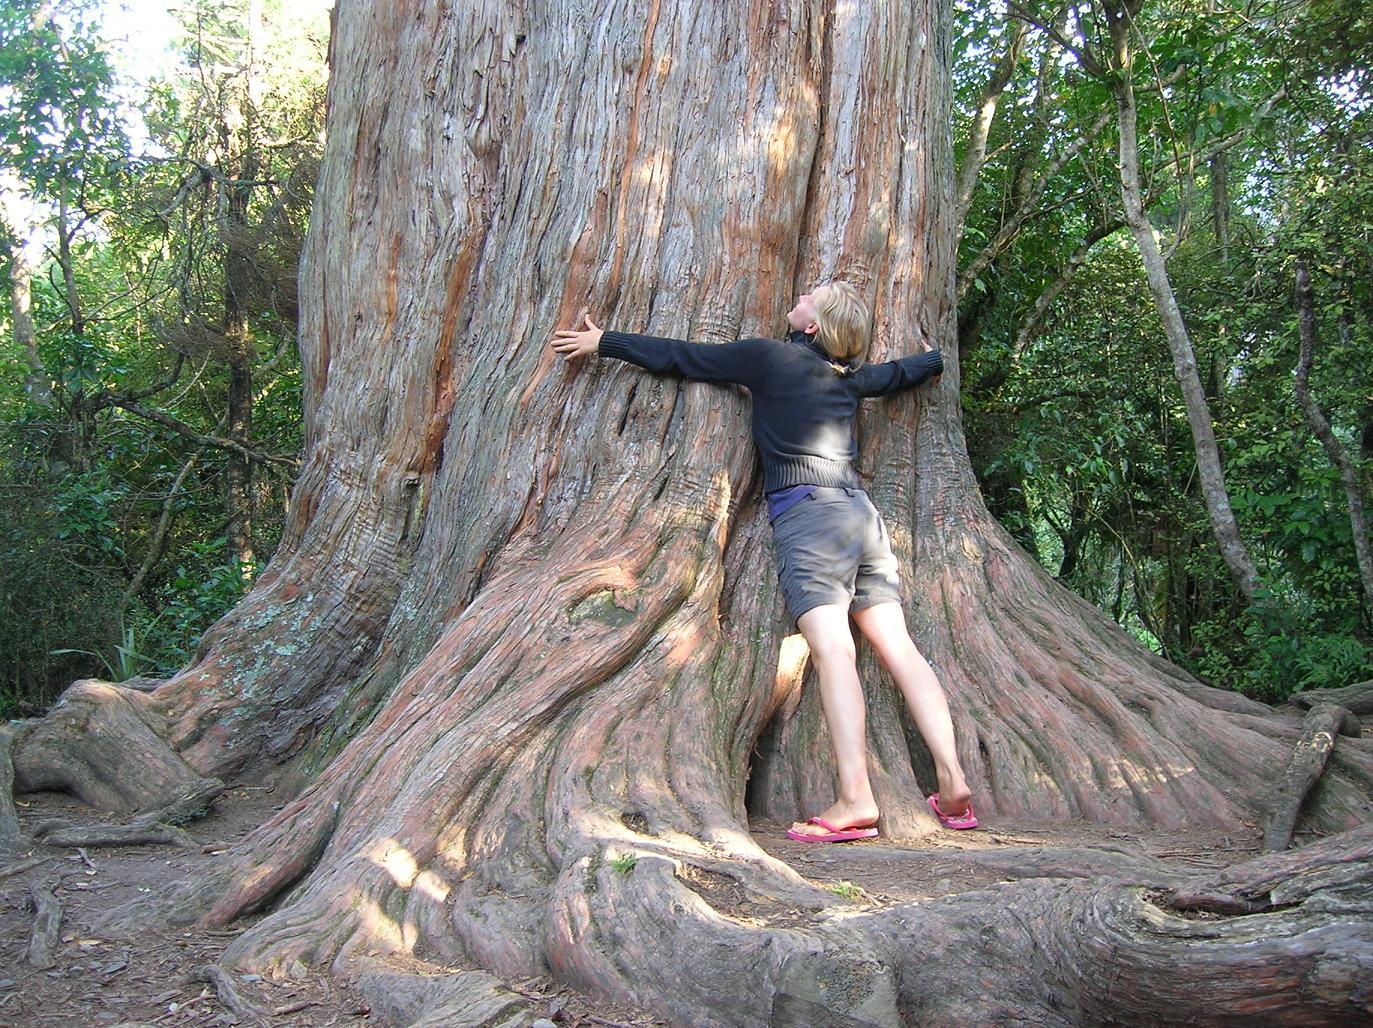 Baum mit Nils verwechselt. Kann schon mal passieren …